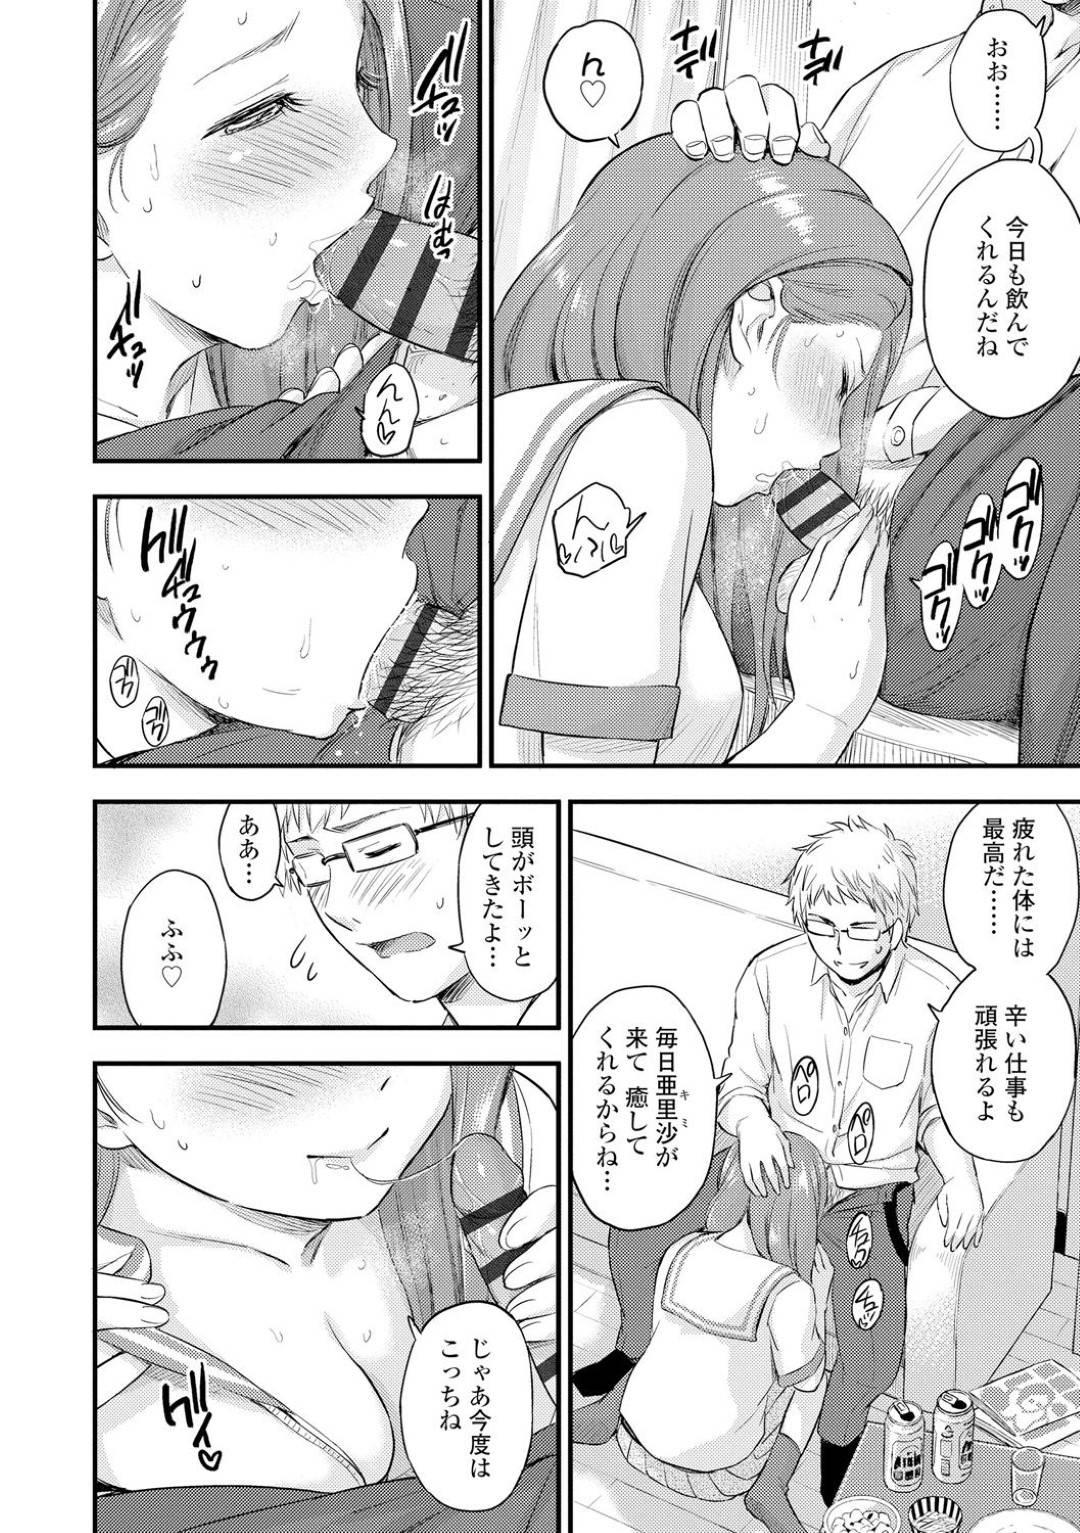 【エロ漫画】彼の家に料理を作りに来て健気な愛情を注ぐJK…ご奉仕しながら彼が好きそうなエロ下着を身に着けさらに誘惑!【東野みかん】